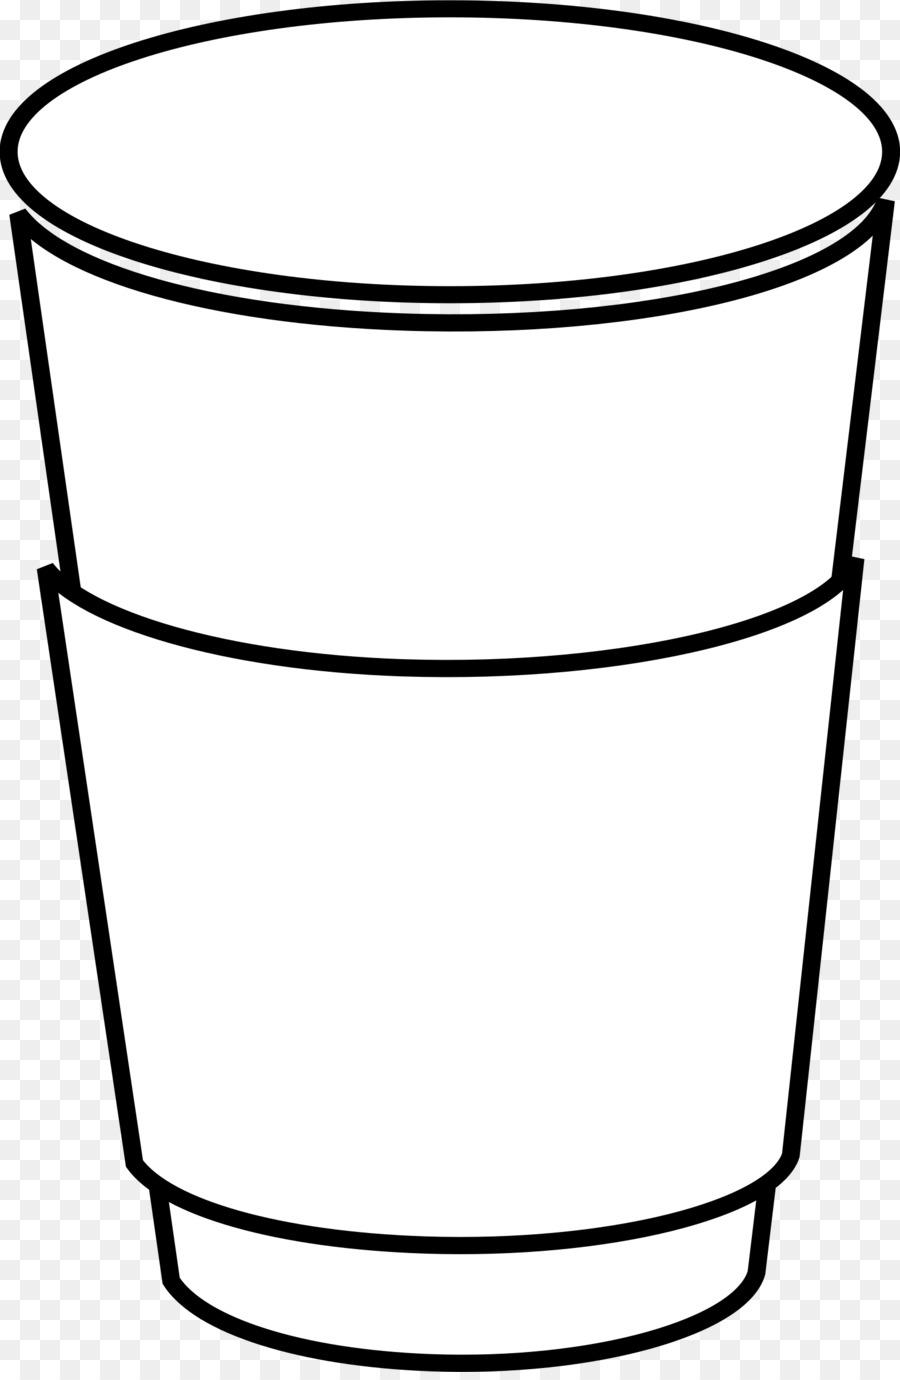 Coffee cup outline. Top punto medio noticias